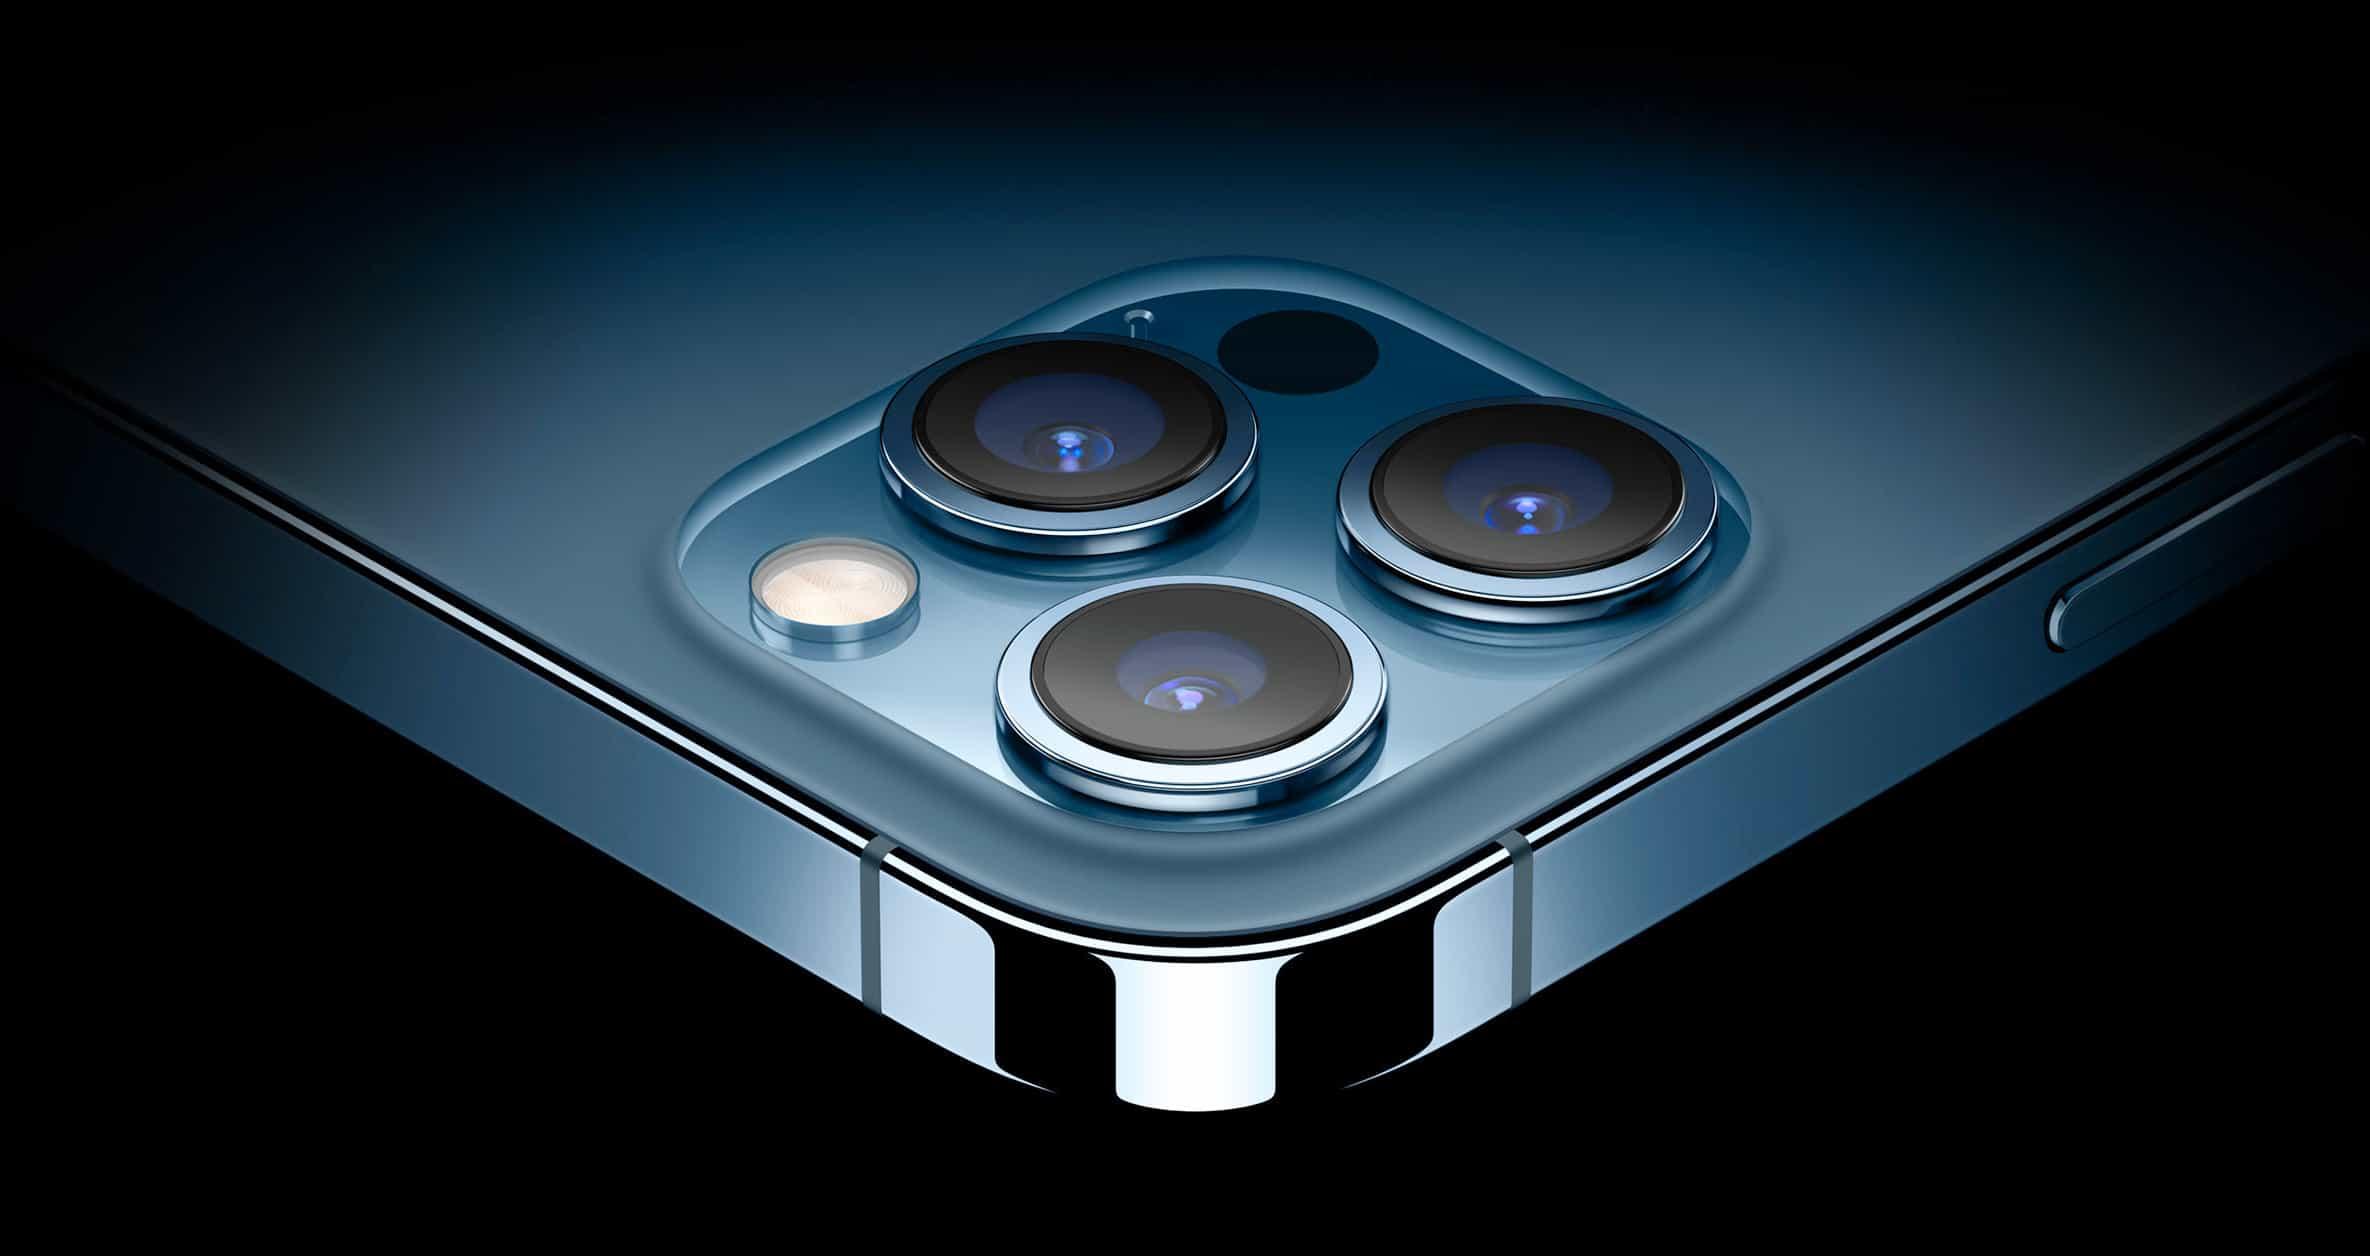 iPhone 12 Pro Max を購入することに決めました 〜 複雑な想い 〜